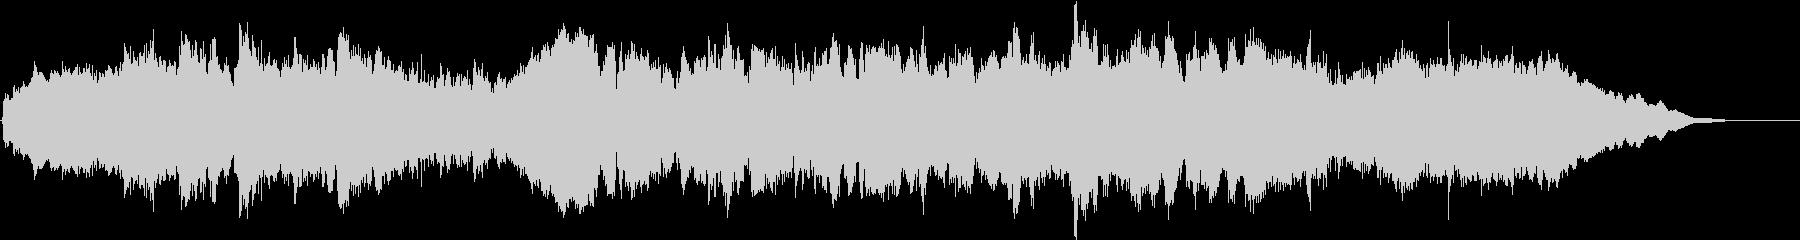 亡き王女のためのパヴァーヌ(冒頭部)の未再生の波形